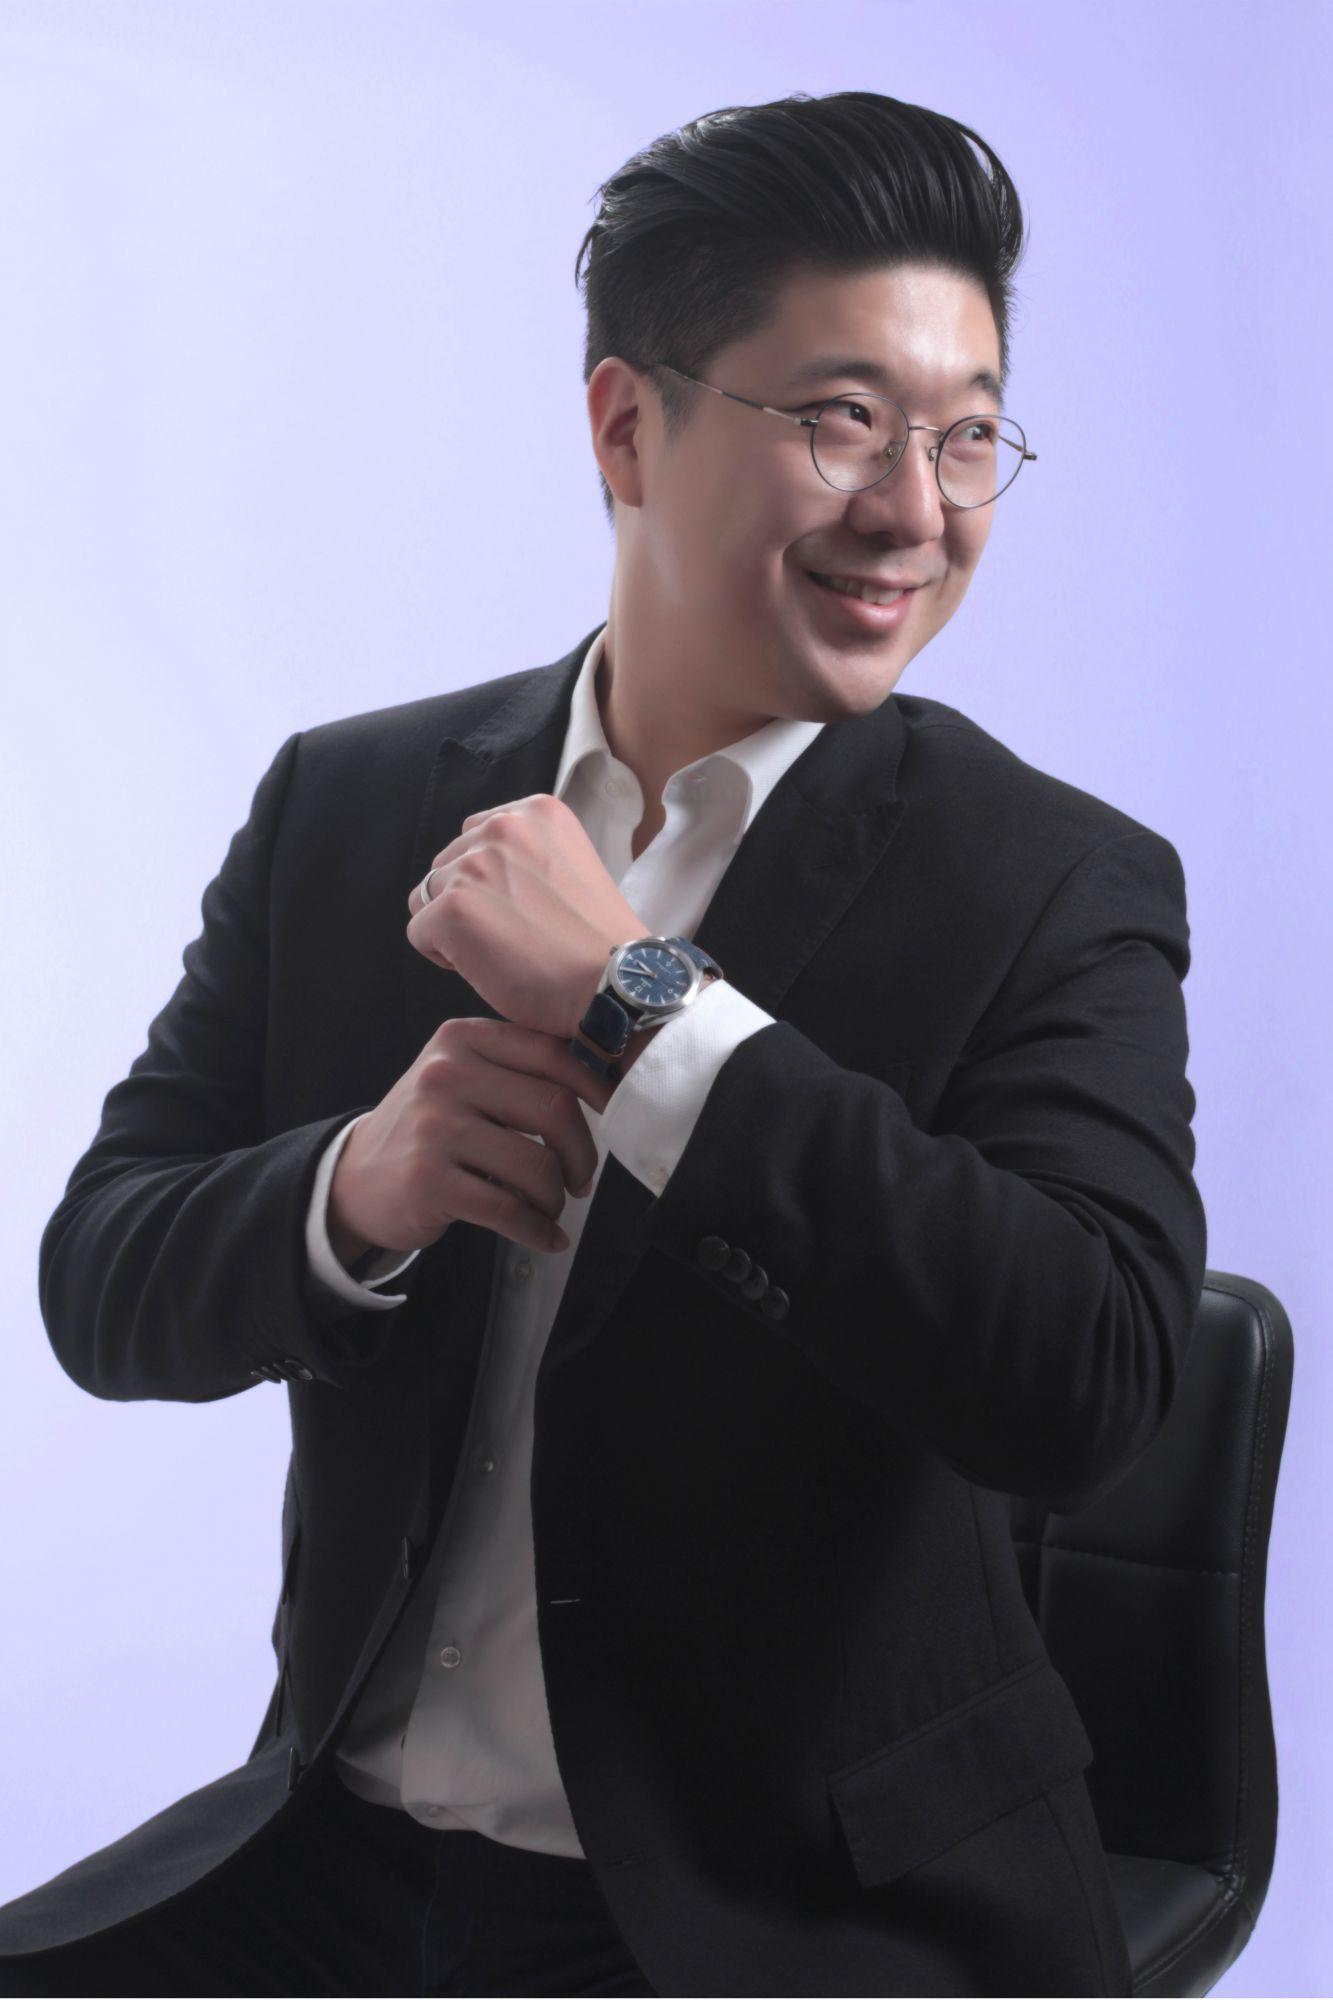 Steven Kim